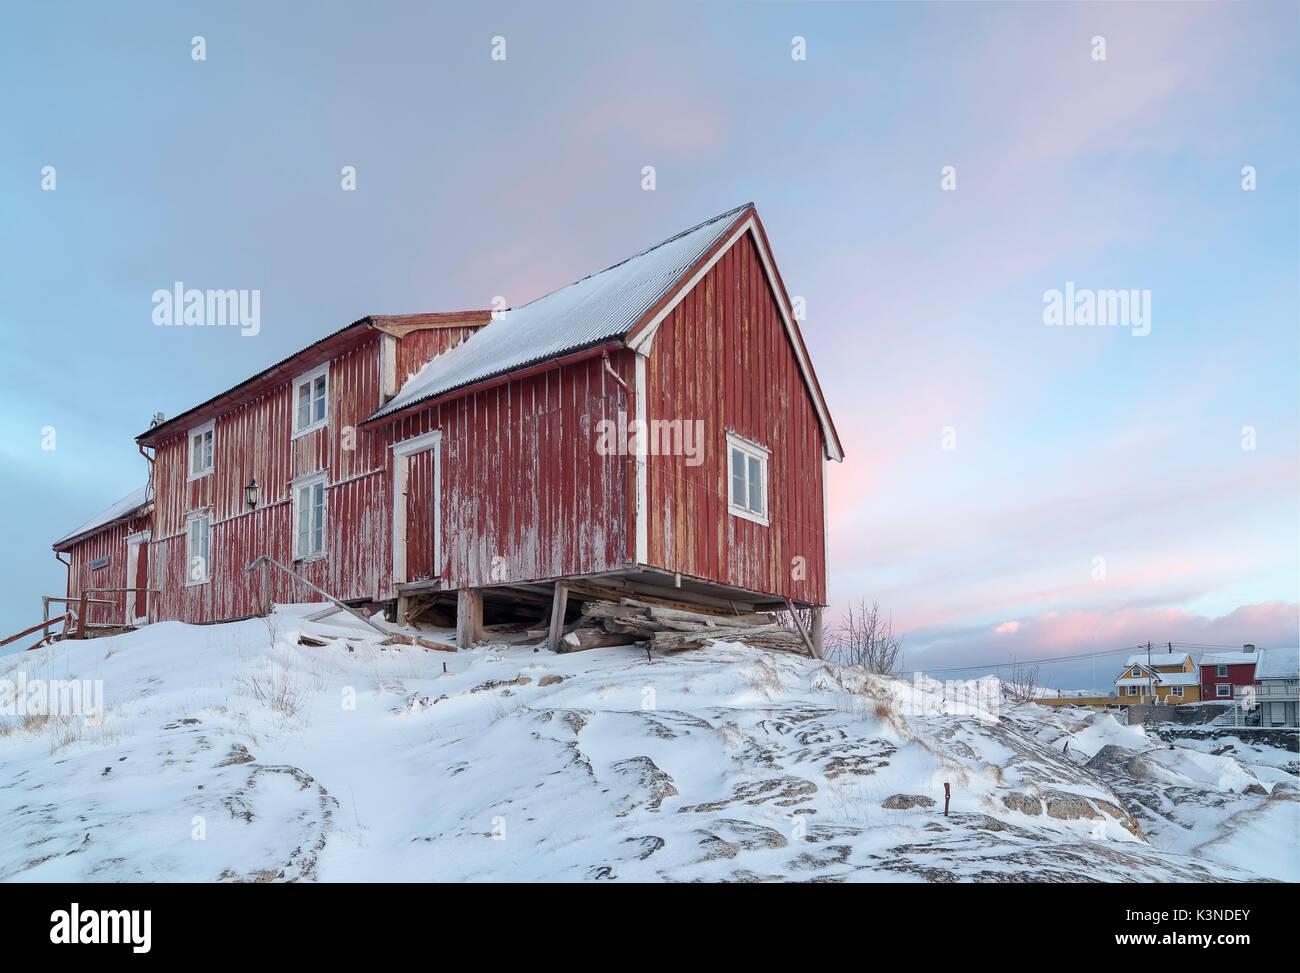 Typisch norwegische Home mit bunten Himmel im Hintergrund, Lofoten, Norwegen Stockbild